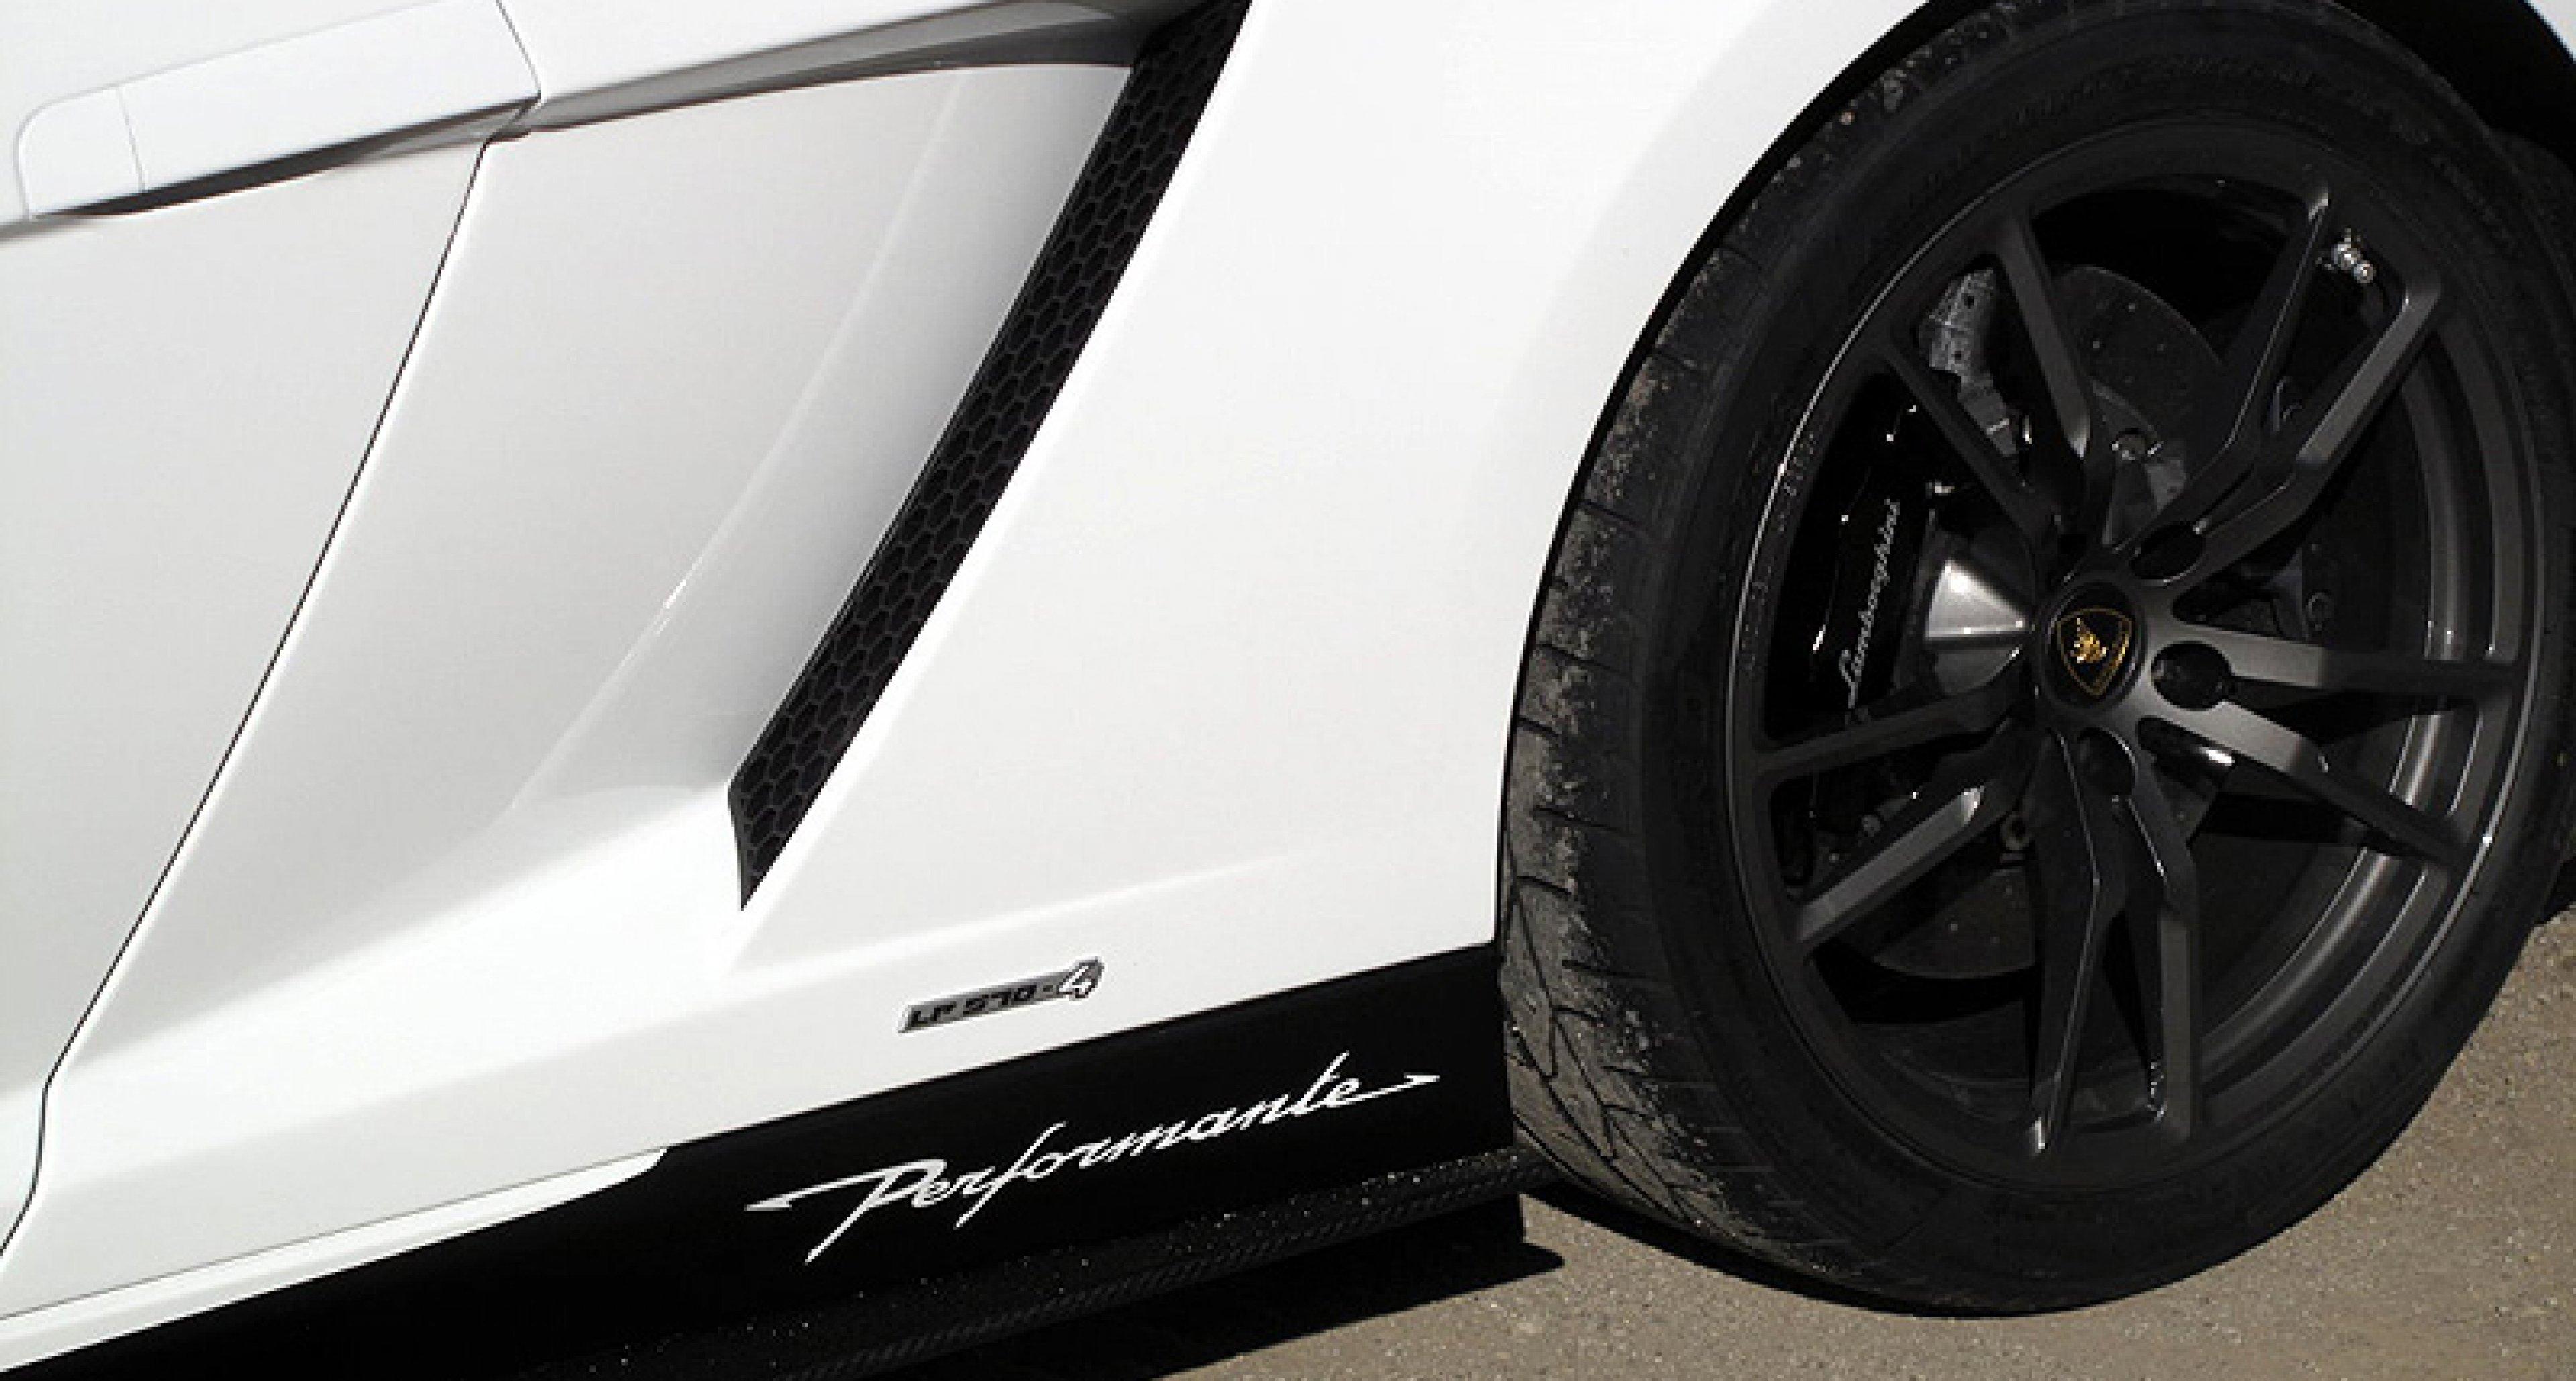 Lamborghini Gallardo Spyder LP 570-4 Performante